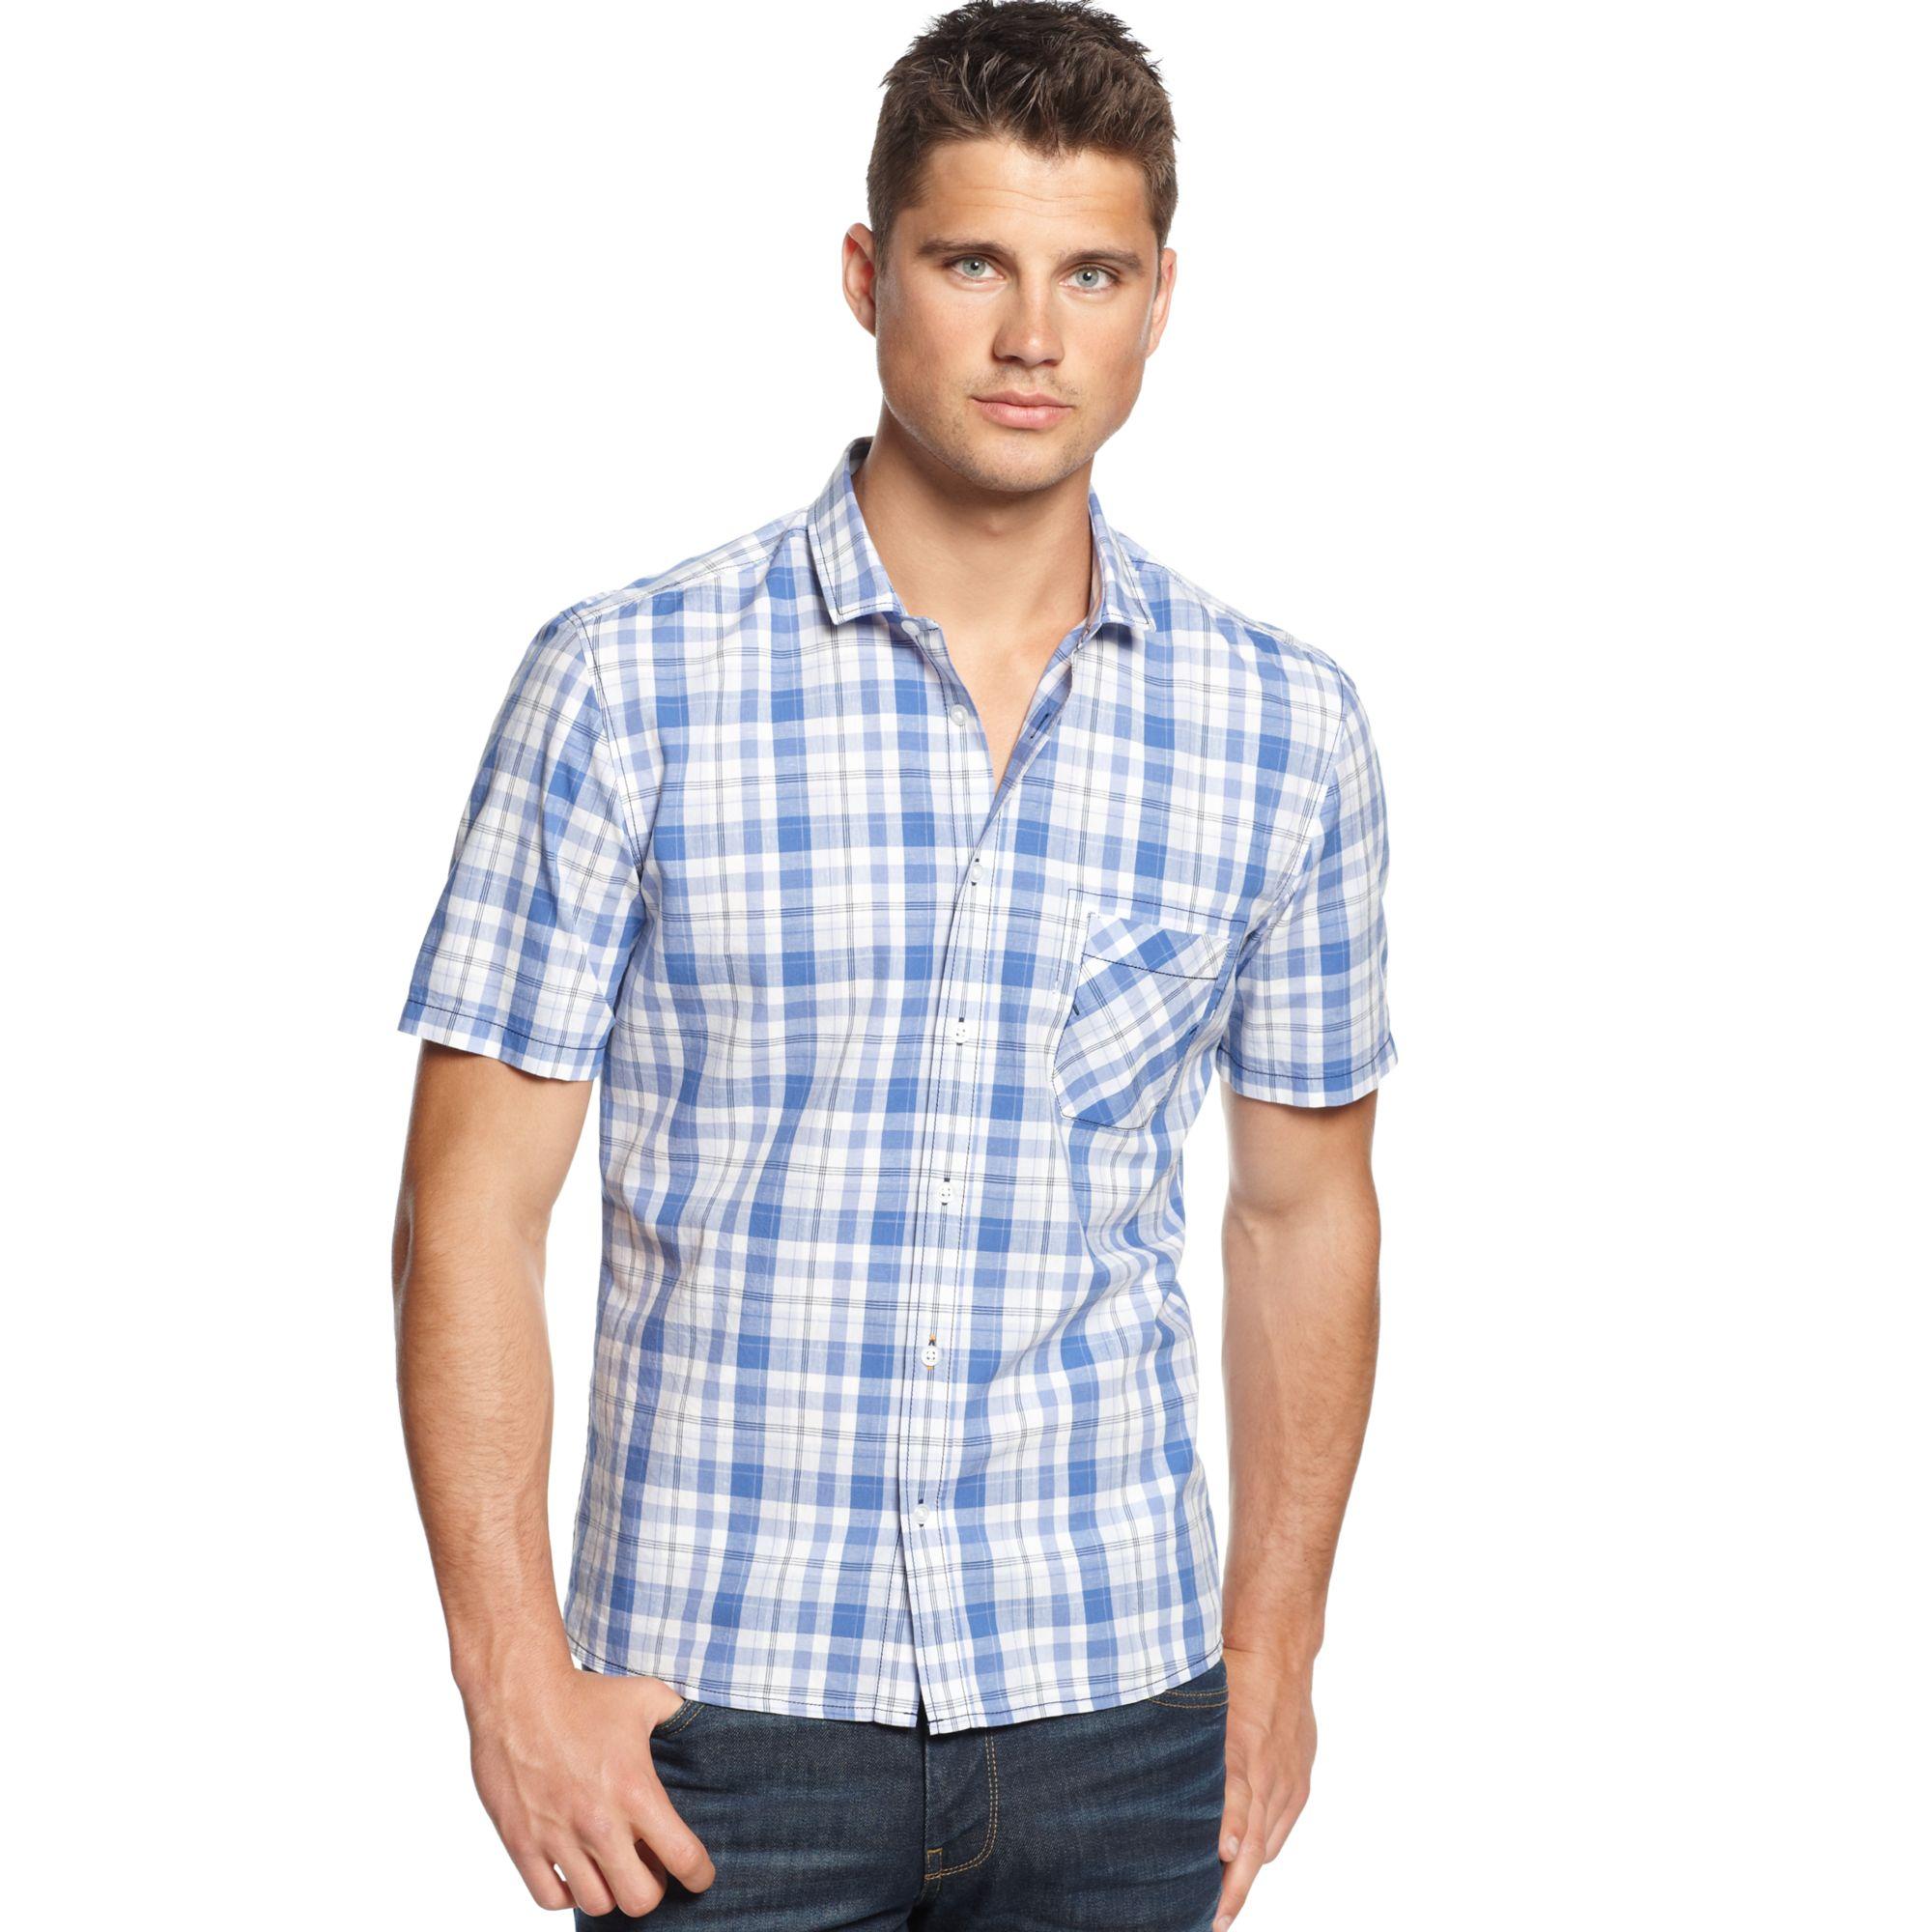 Hugo boss boss orange ezippoe plaid shirt in blue for men for Hugo boss dress shirt review